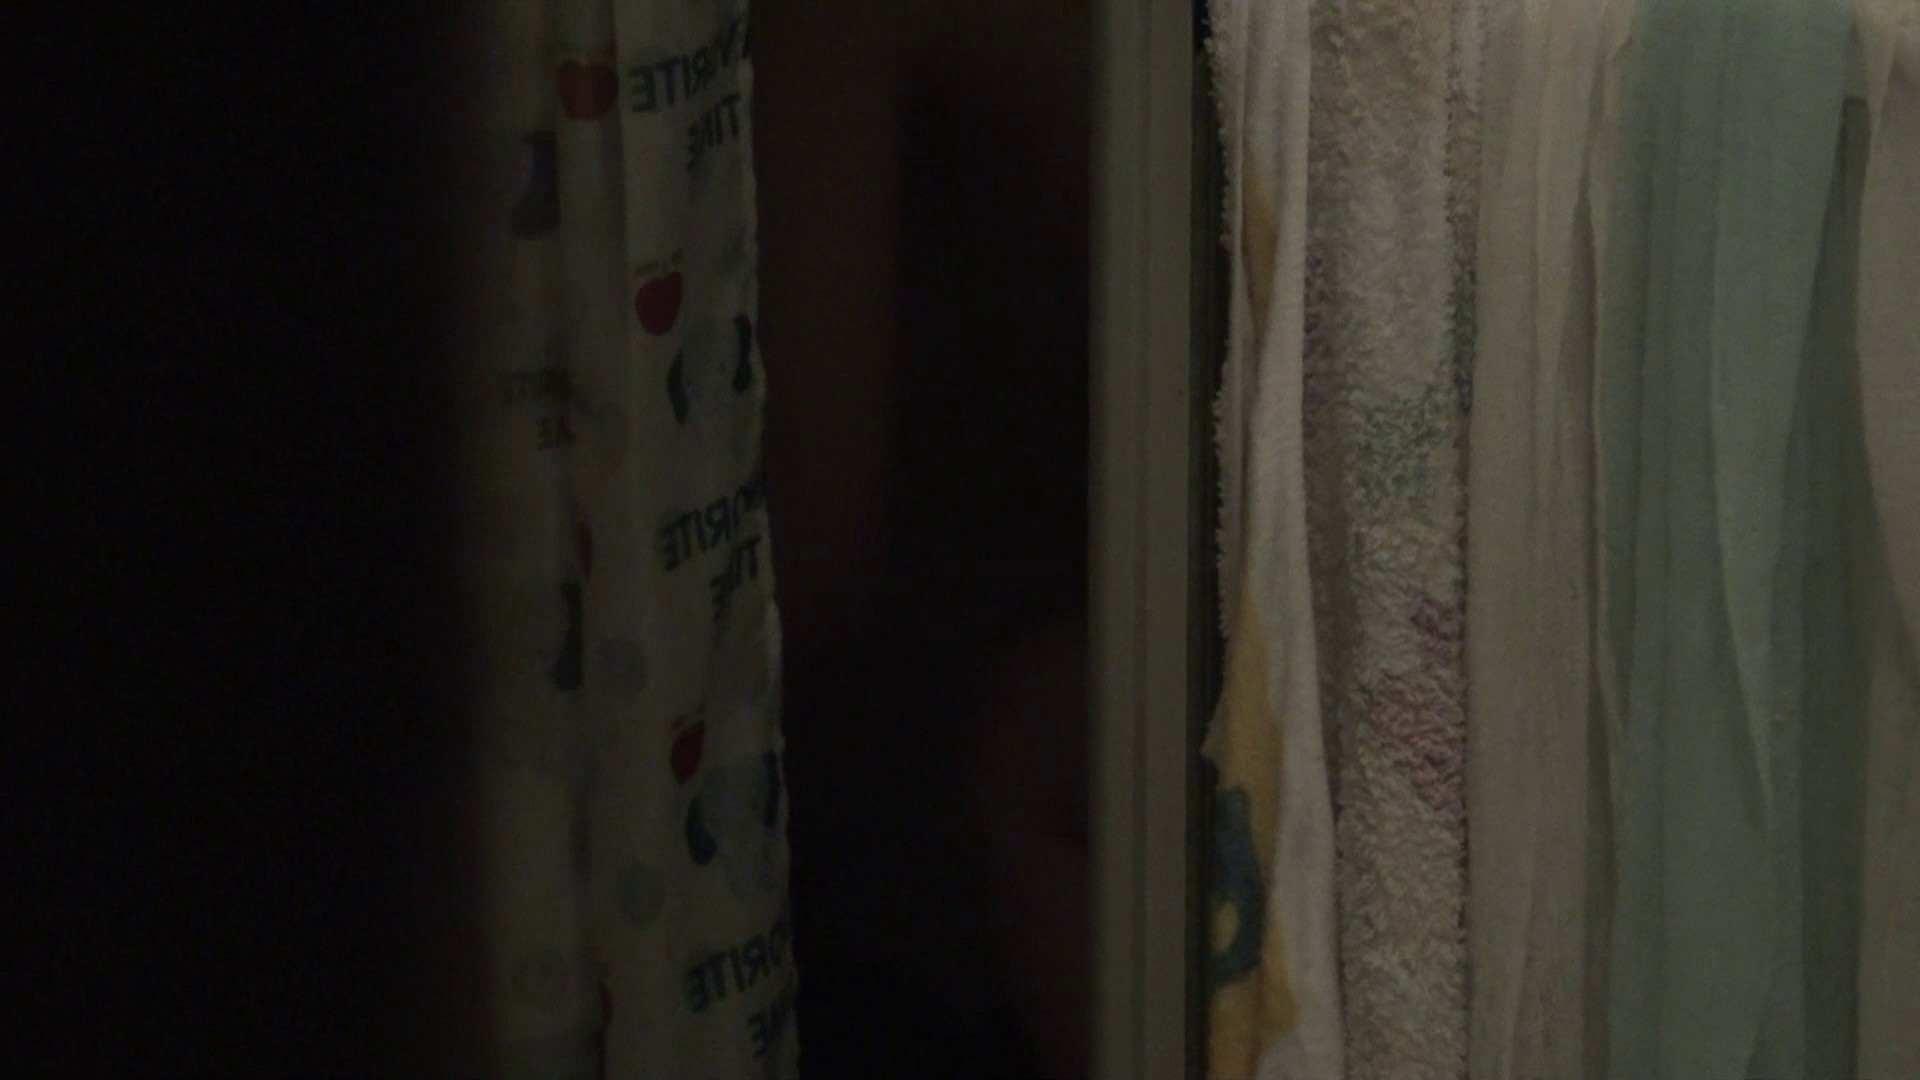 vol.06顔を洗い流す極上お女市さんの裸体をハイビジョンで!風呂上り着替え必見! 覗き エロ画像 68画像 63